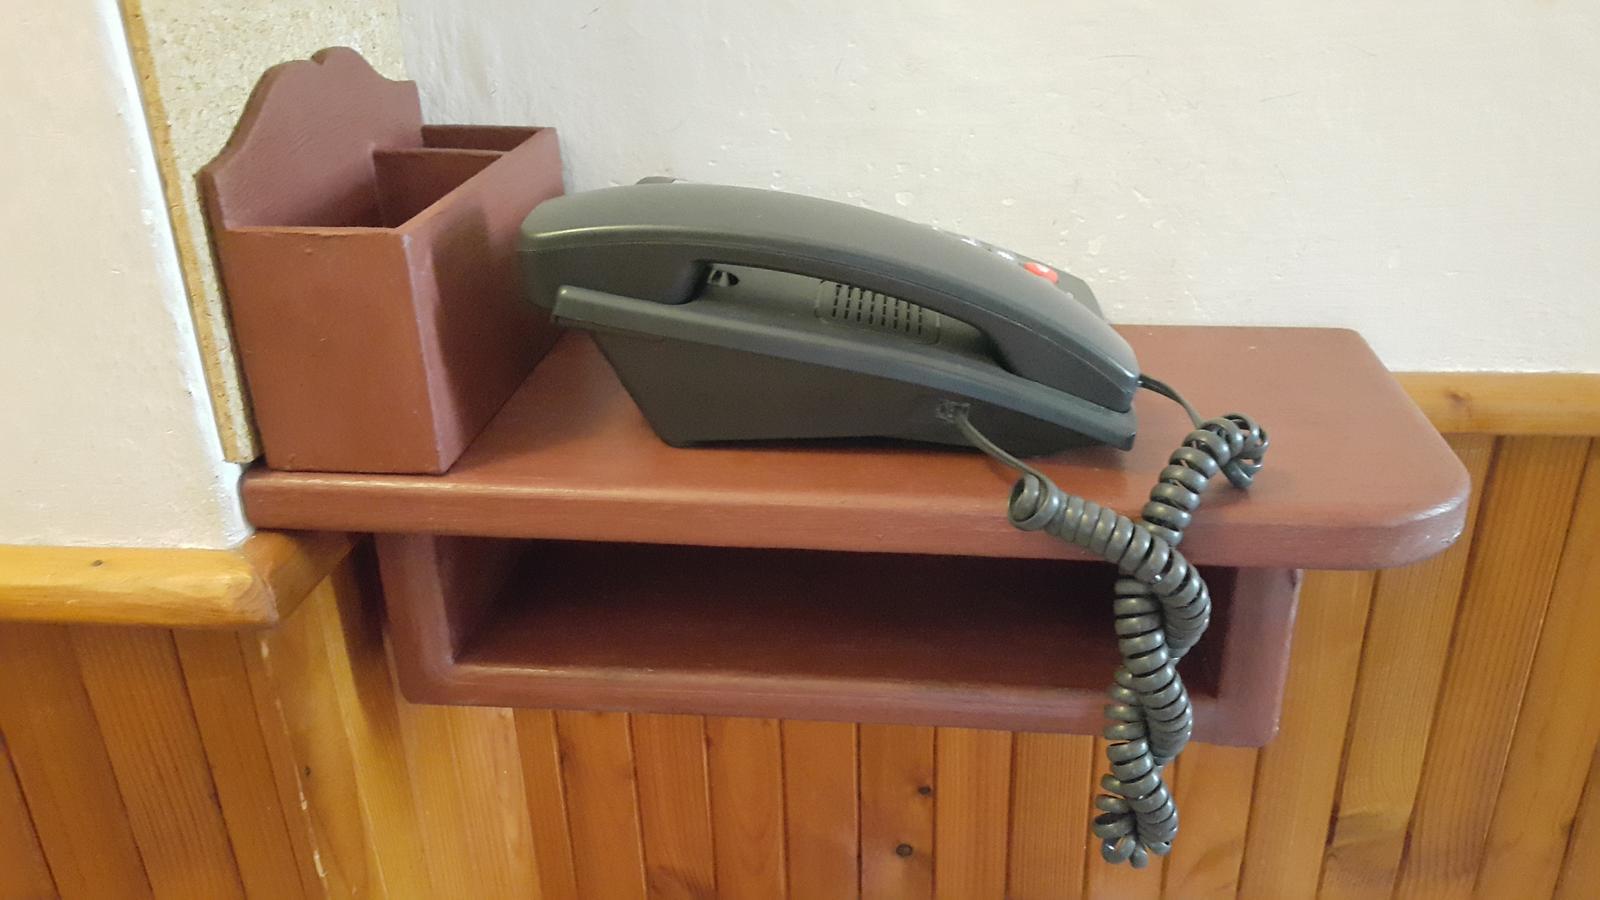 Drevo a veci okolo - Polička pod telefón so škatuľkou na ceruzky